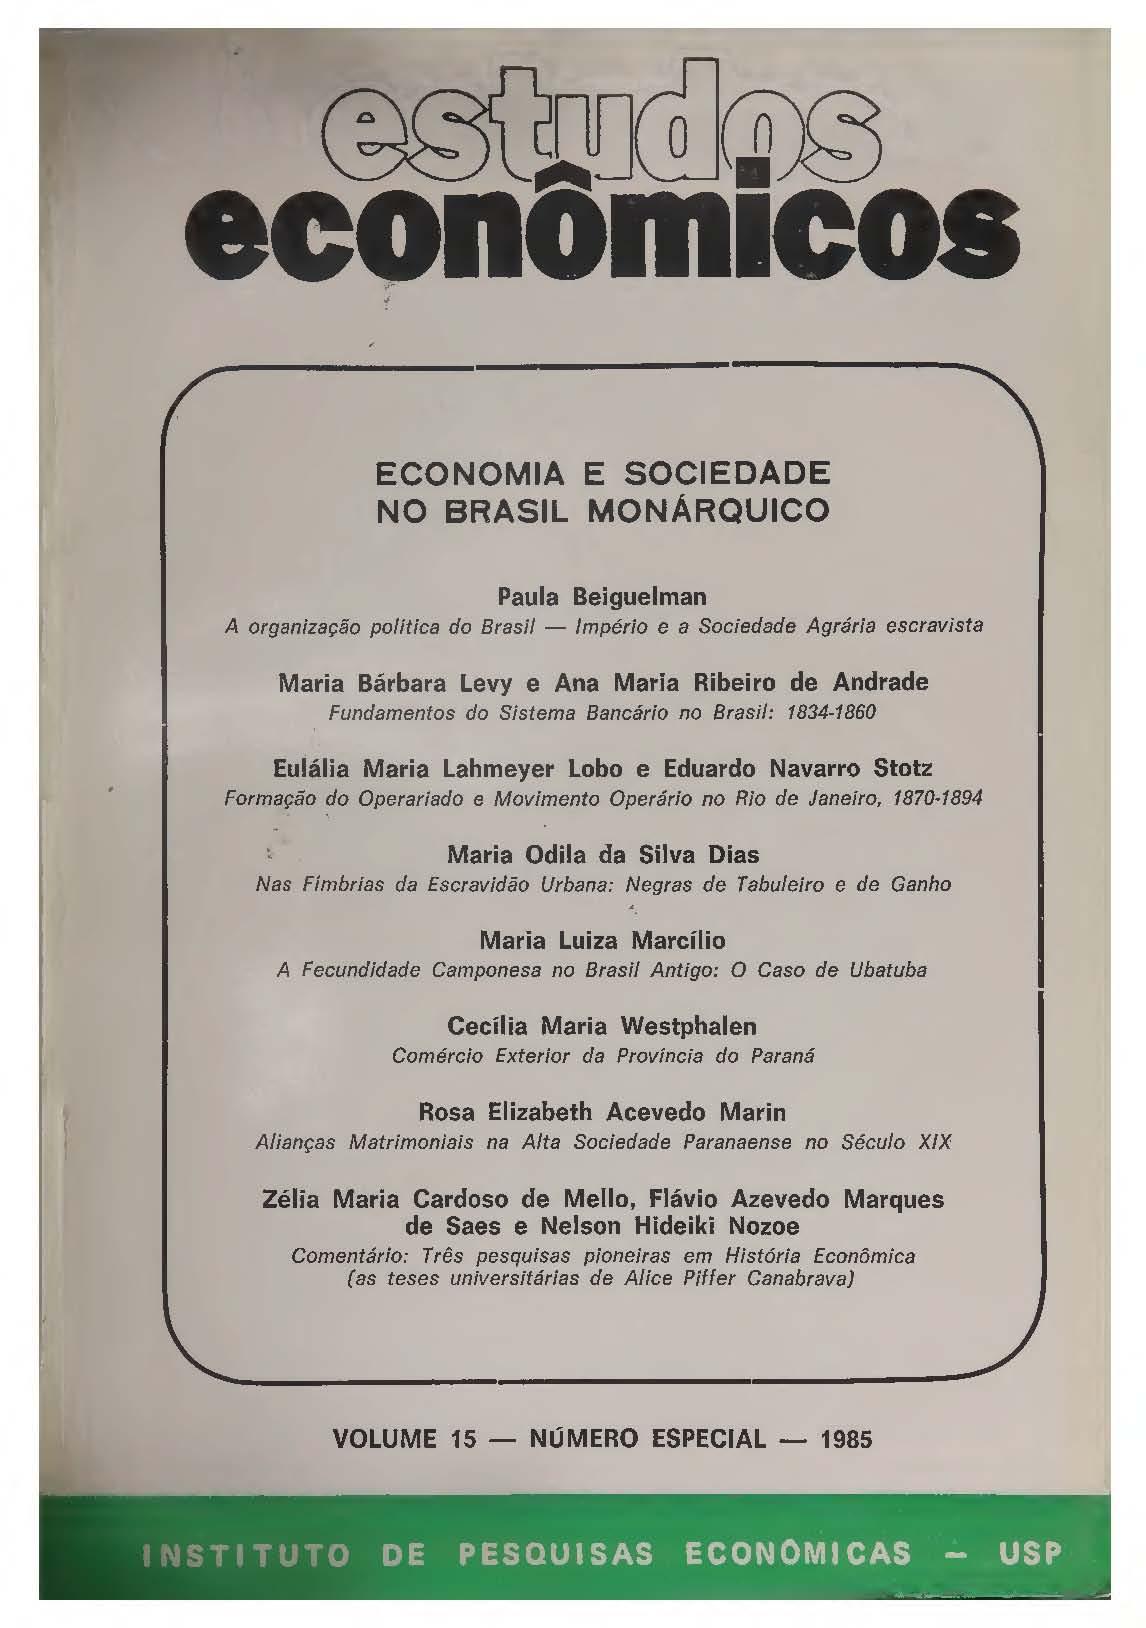 Economia e Sociedade no Brasil Monárquico